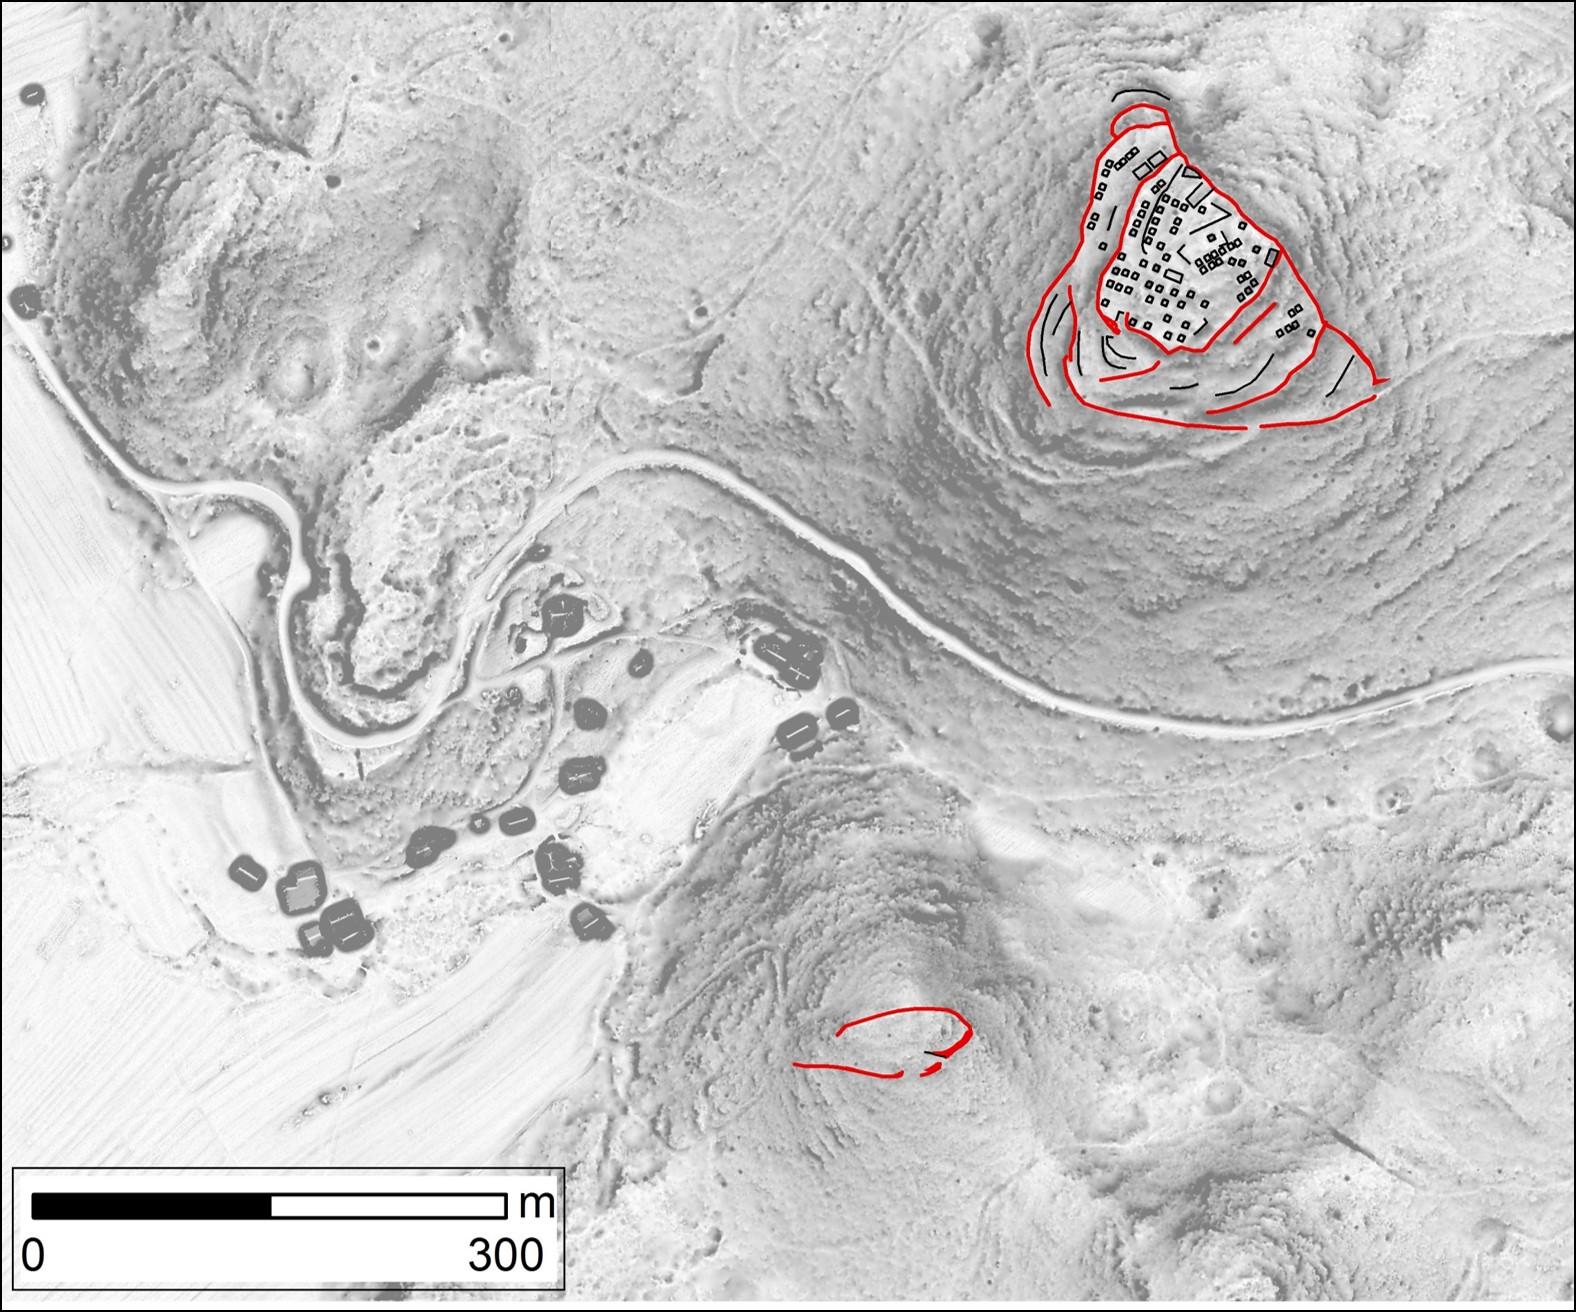 Slika1 - Arheološko najdišče Žerunšček v železni dobi:  od leta 1000 pr. n. št. do prihoda Rimljanov